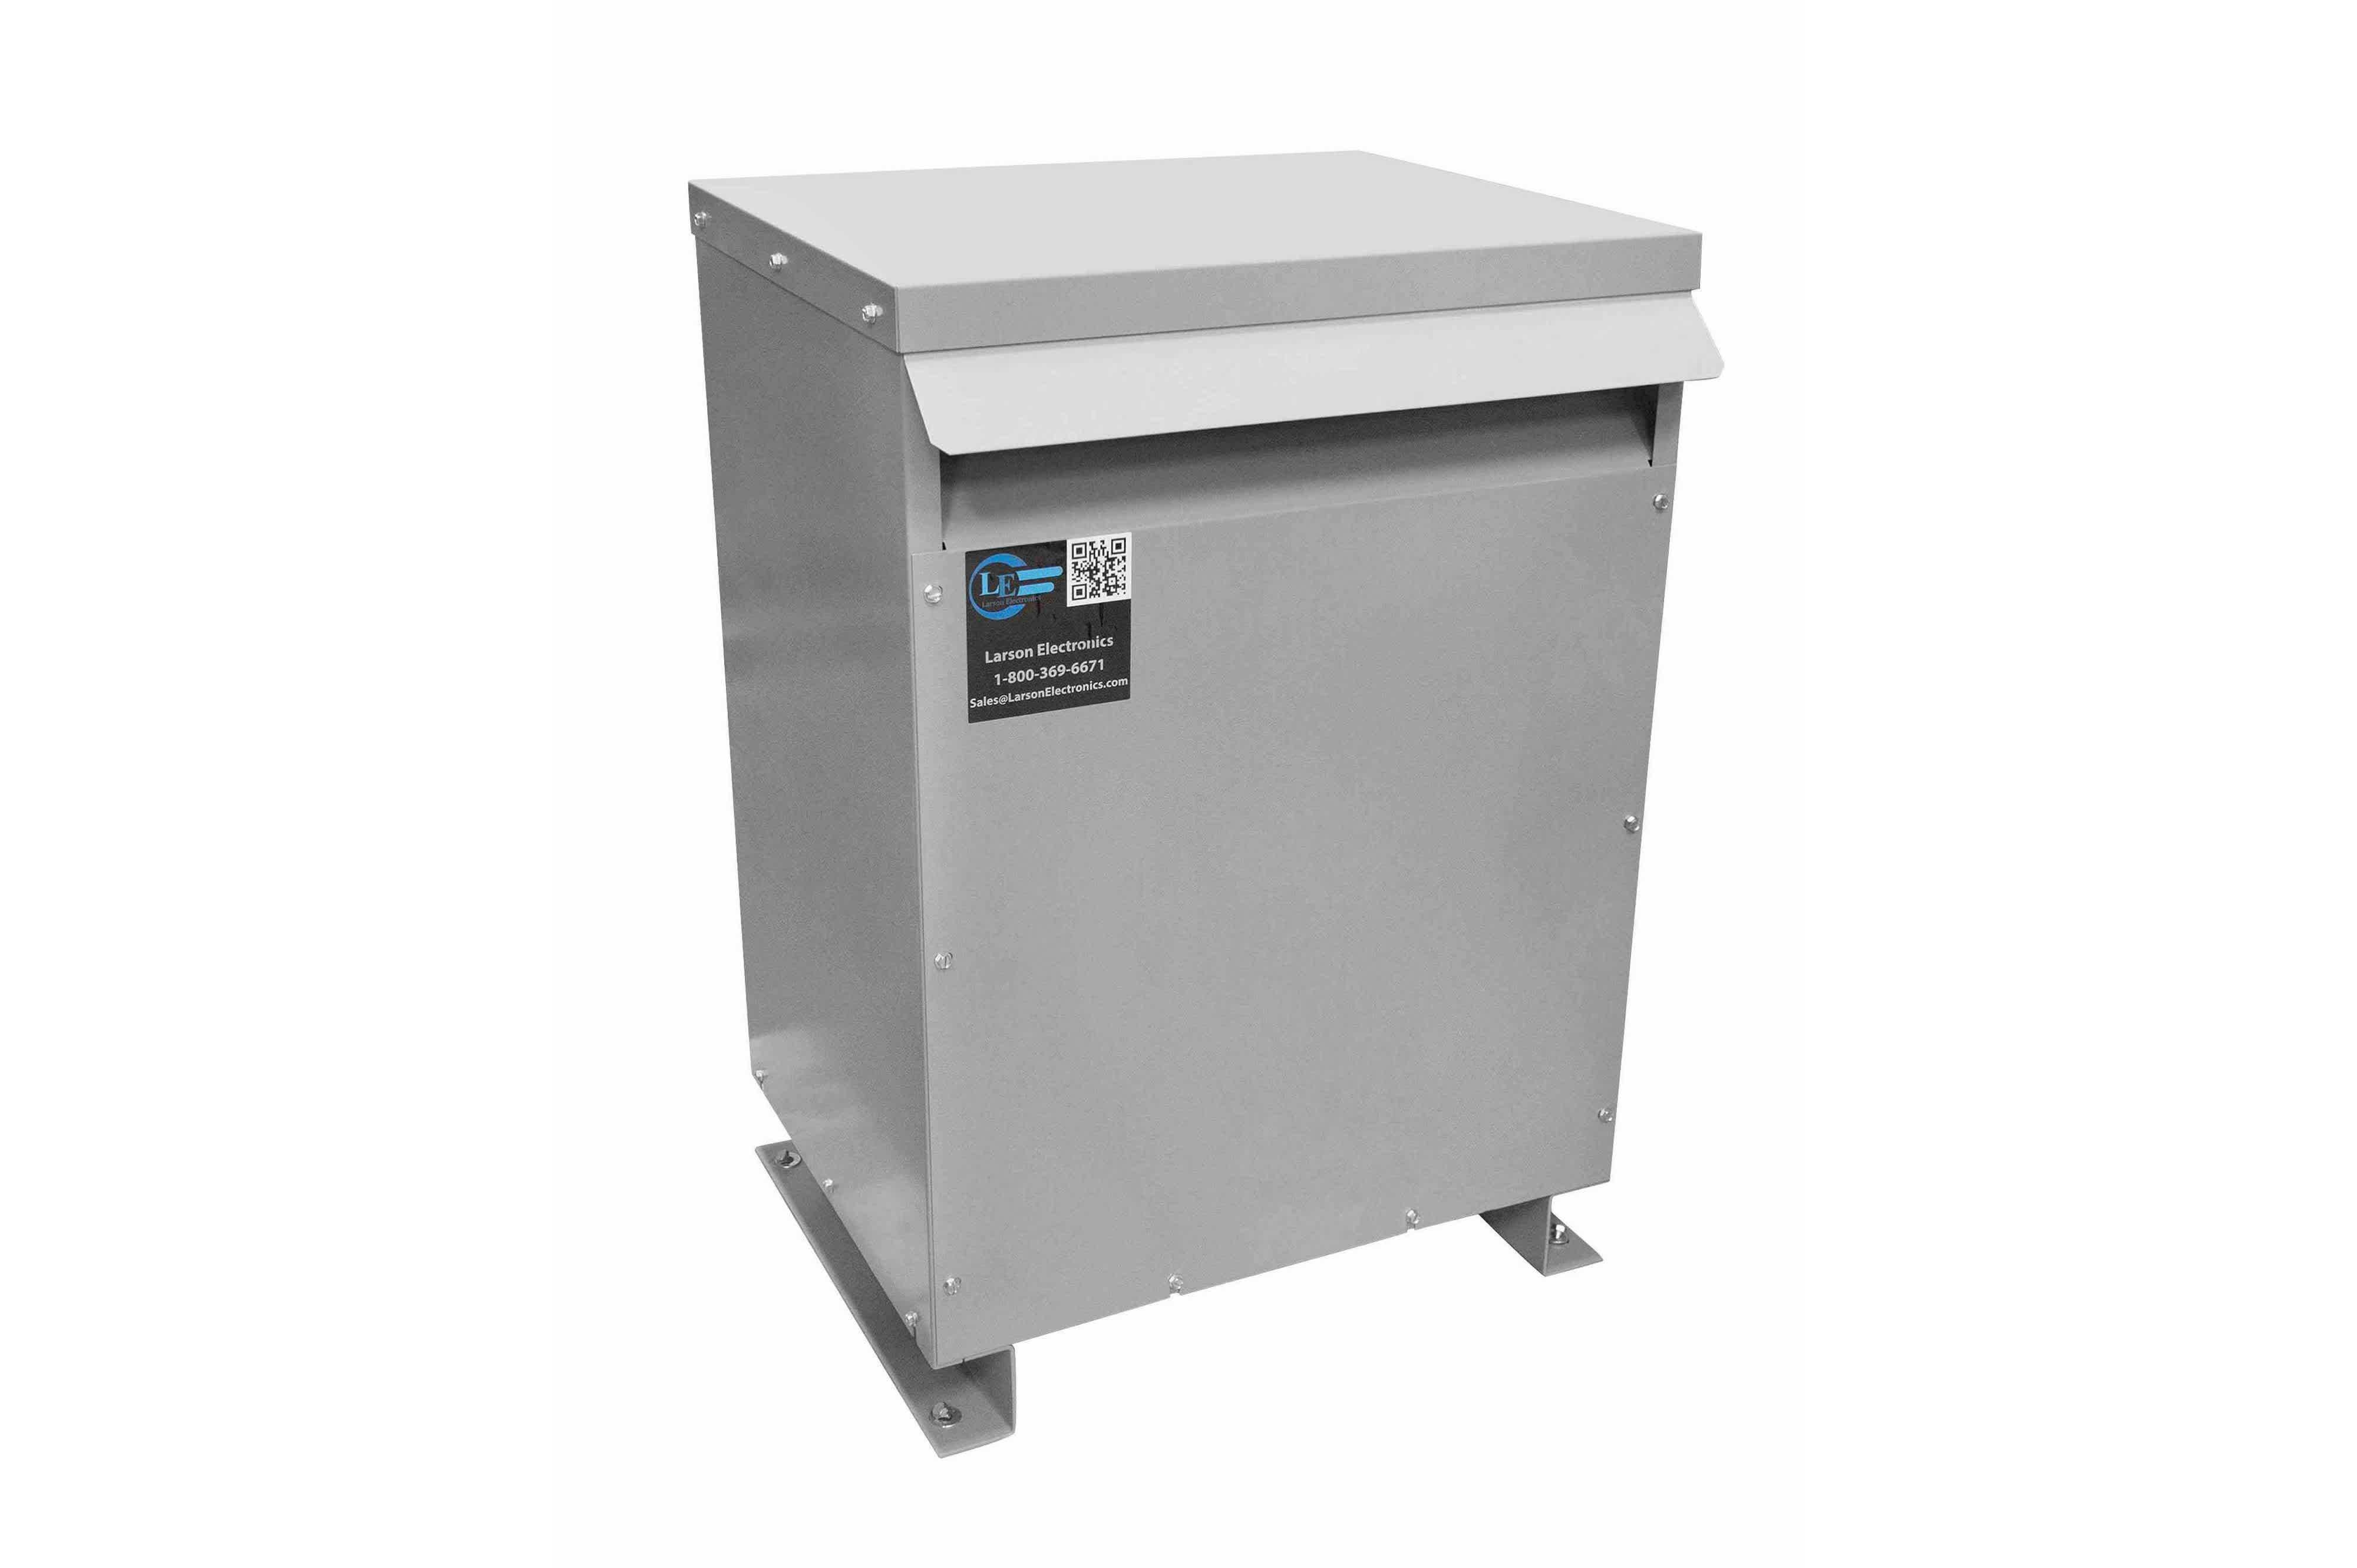 30 kVA 3PH DOE Transformer, 400V Delta Primary, 240V/120 Delta Secondary, N3R, Ventilated, 60 Hz